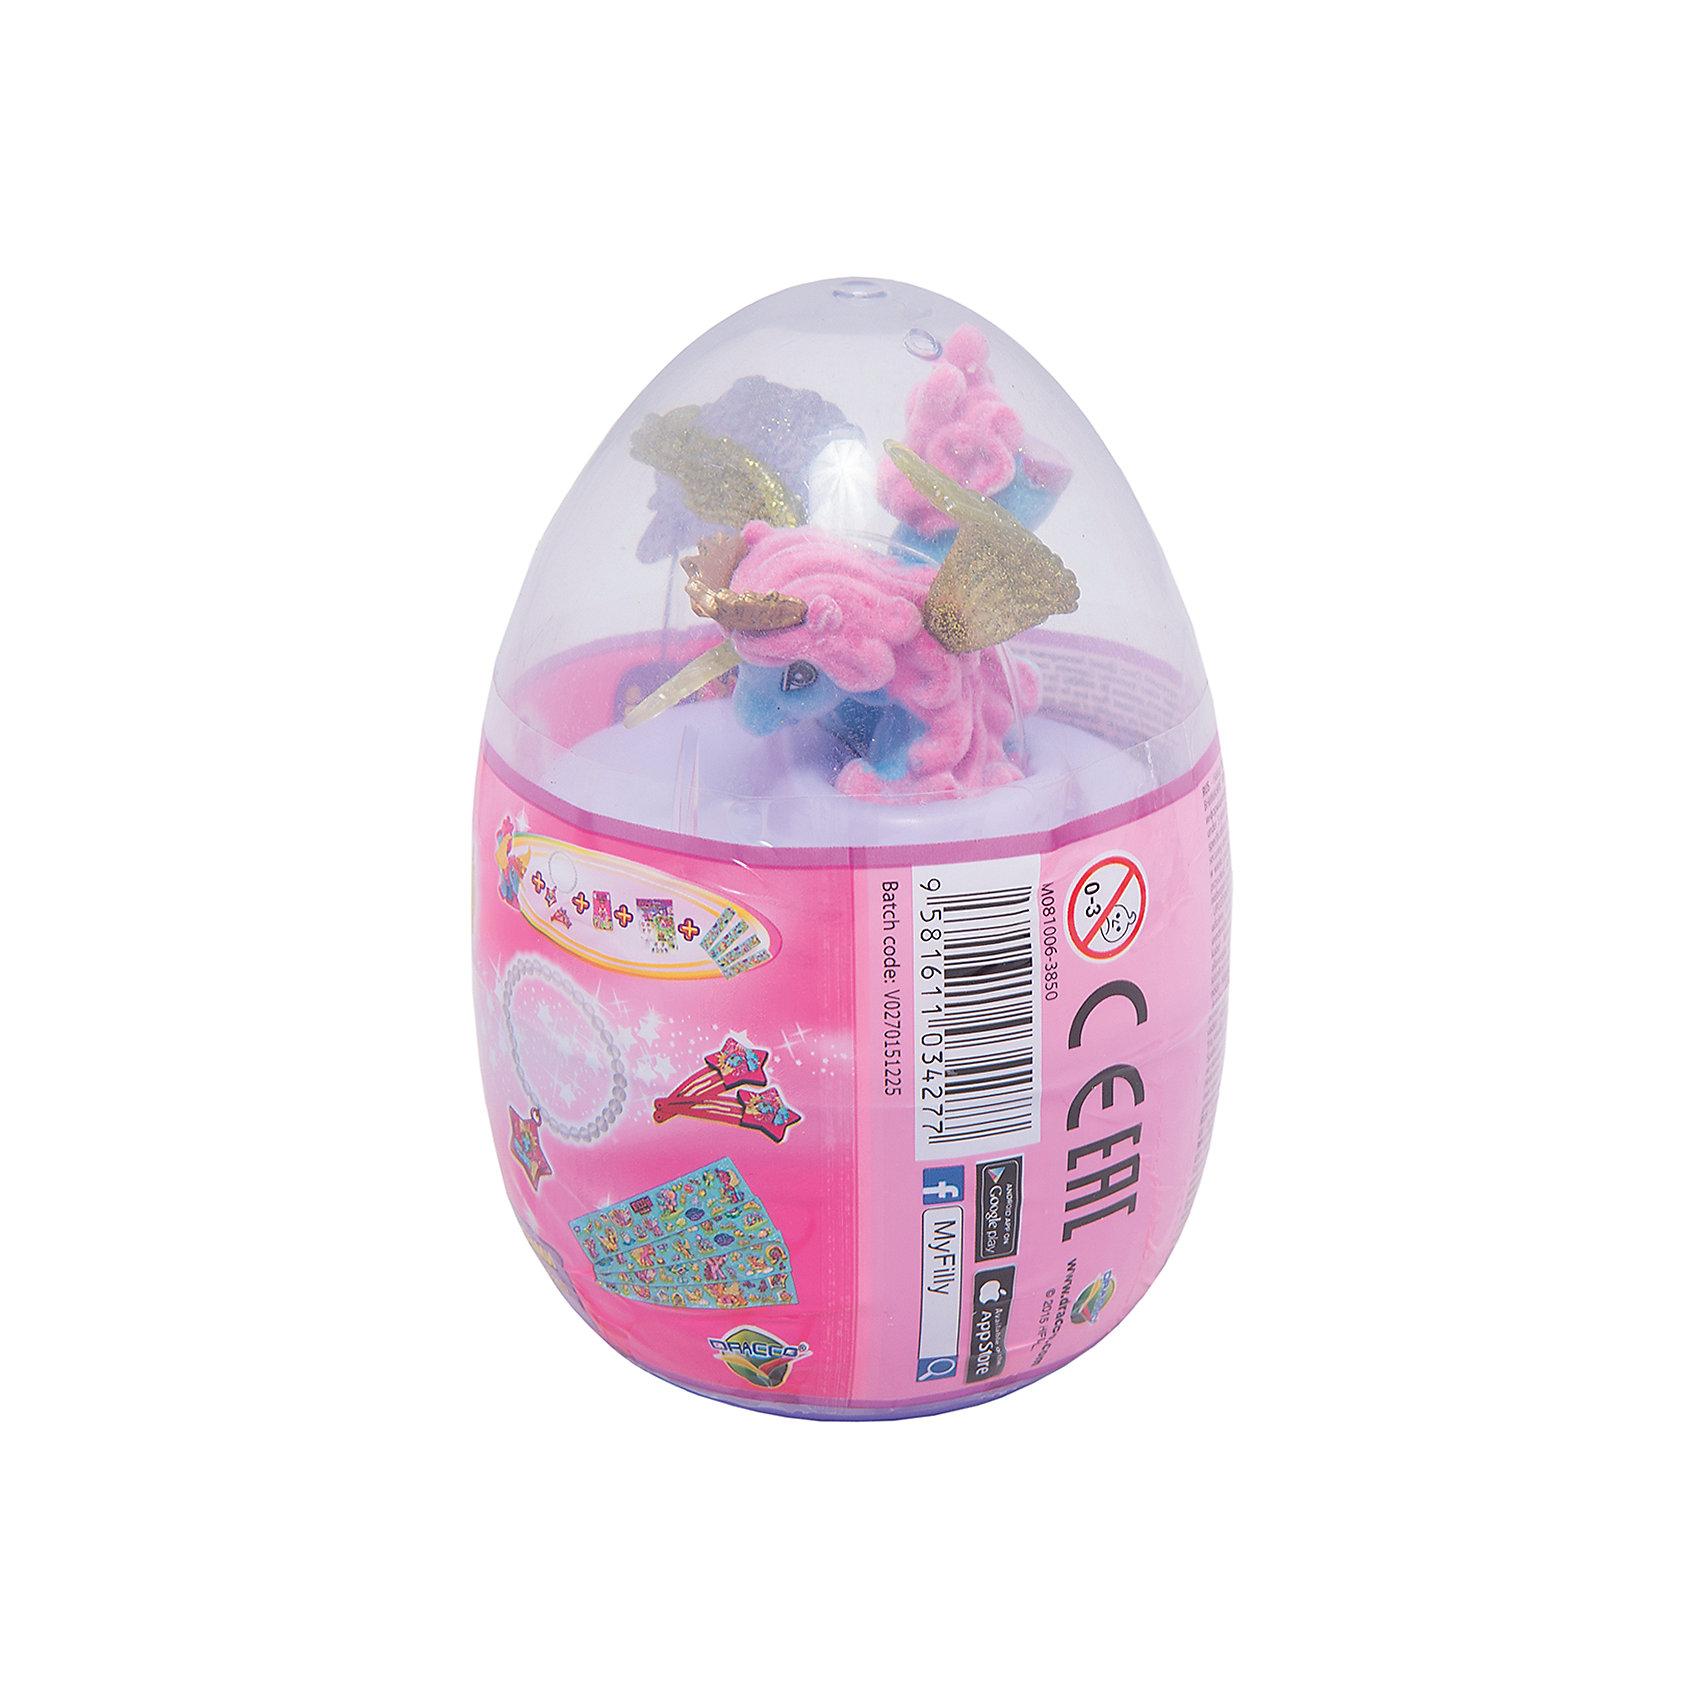 Набор Filly Звезды Phoenix, в яйце, DraccoНовые лошадки Филли в необычной упаковке. В этом стильном прозрачном яйце очень удобно хранить и переносить любимые фигурки. <br>Главным отличием фигурок из серии Звезды являются крылья. Они приобрели иную более привлекательную форму, а также дизайн. Благодаря новым расцветками они блестят еще ярче.<br><br>Дополнительная информация:<br><br>В данный набор входит одна фигурка лошадки, два аксессуара, брошюра коллекционера, а также 4 листа с тематическими наклейками.<br>В новую линейку вошли 22 новых персонажей + 1 новый редкий герой. Все они принадлежат к 5 новым семействам лошадок. Среди них Семейство звездного света, Семейство небесного света, Семейство солнечного света и семейство сумеречного света. Персонажи из последнего пятого семейства (Семейство лунного света) появятся в продаже этой осенью.<br><br>Набор Filly Звезды Phoenix, в яйце, Dracco  можно купить в нашем магазине.<br><br>Ширина мм: 45<br>Глубина мм: 180<br>Высота мм: 170<br>Вес г: 120<br>Возраст от месяцев: 36<br>Возраст до месяцев: 96<br>Пол: Женский<br>Возраст: Детский<br>SKU: 4618239